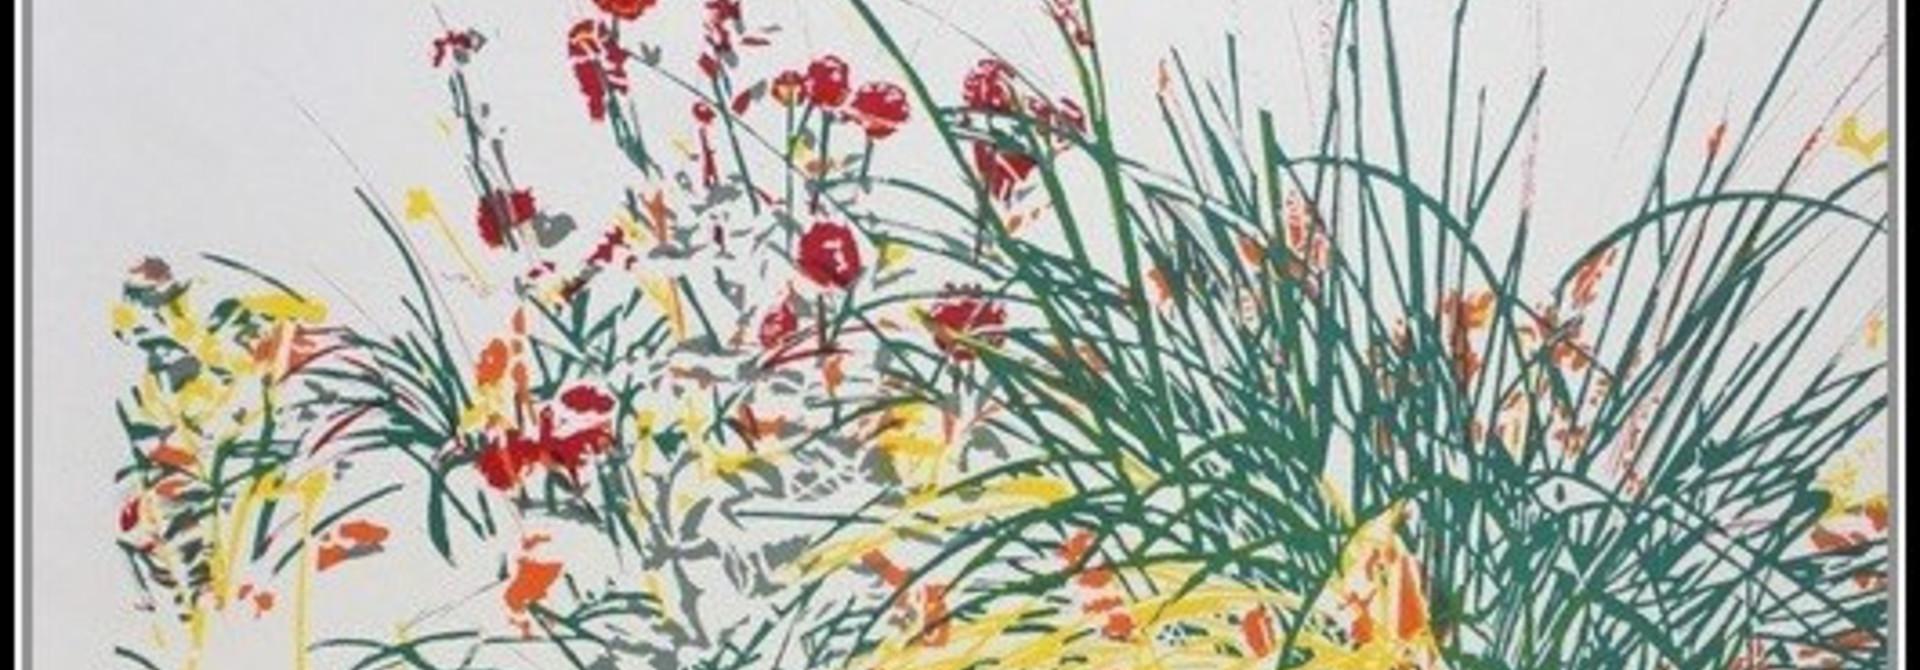 Wild Flower (Courcelles sur mer) - (framed)